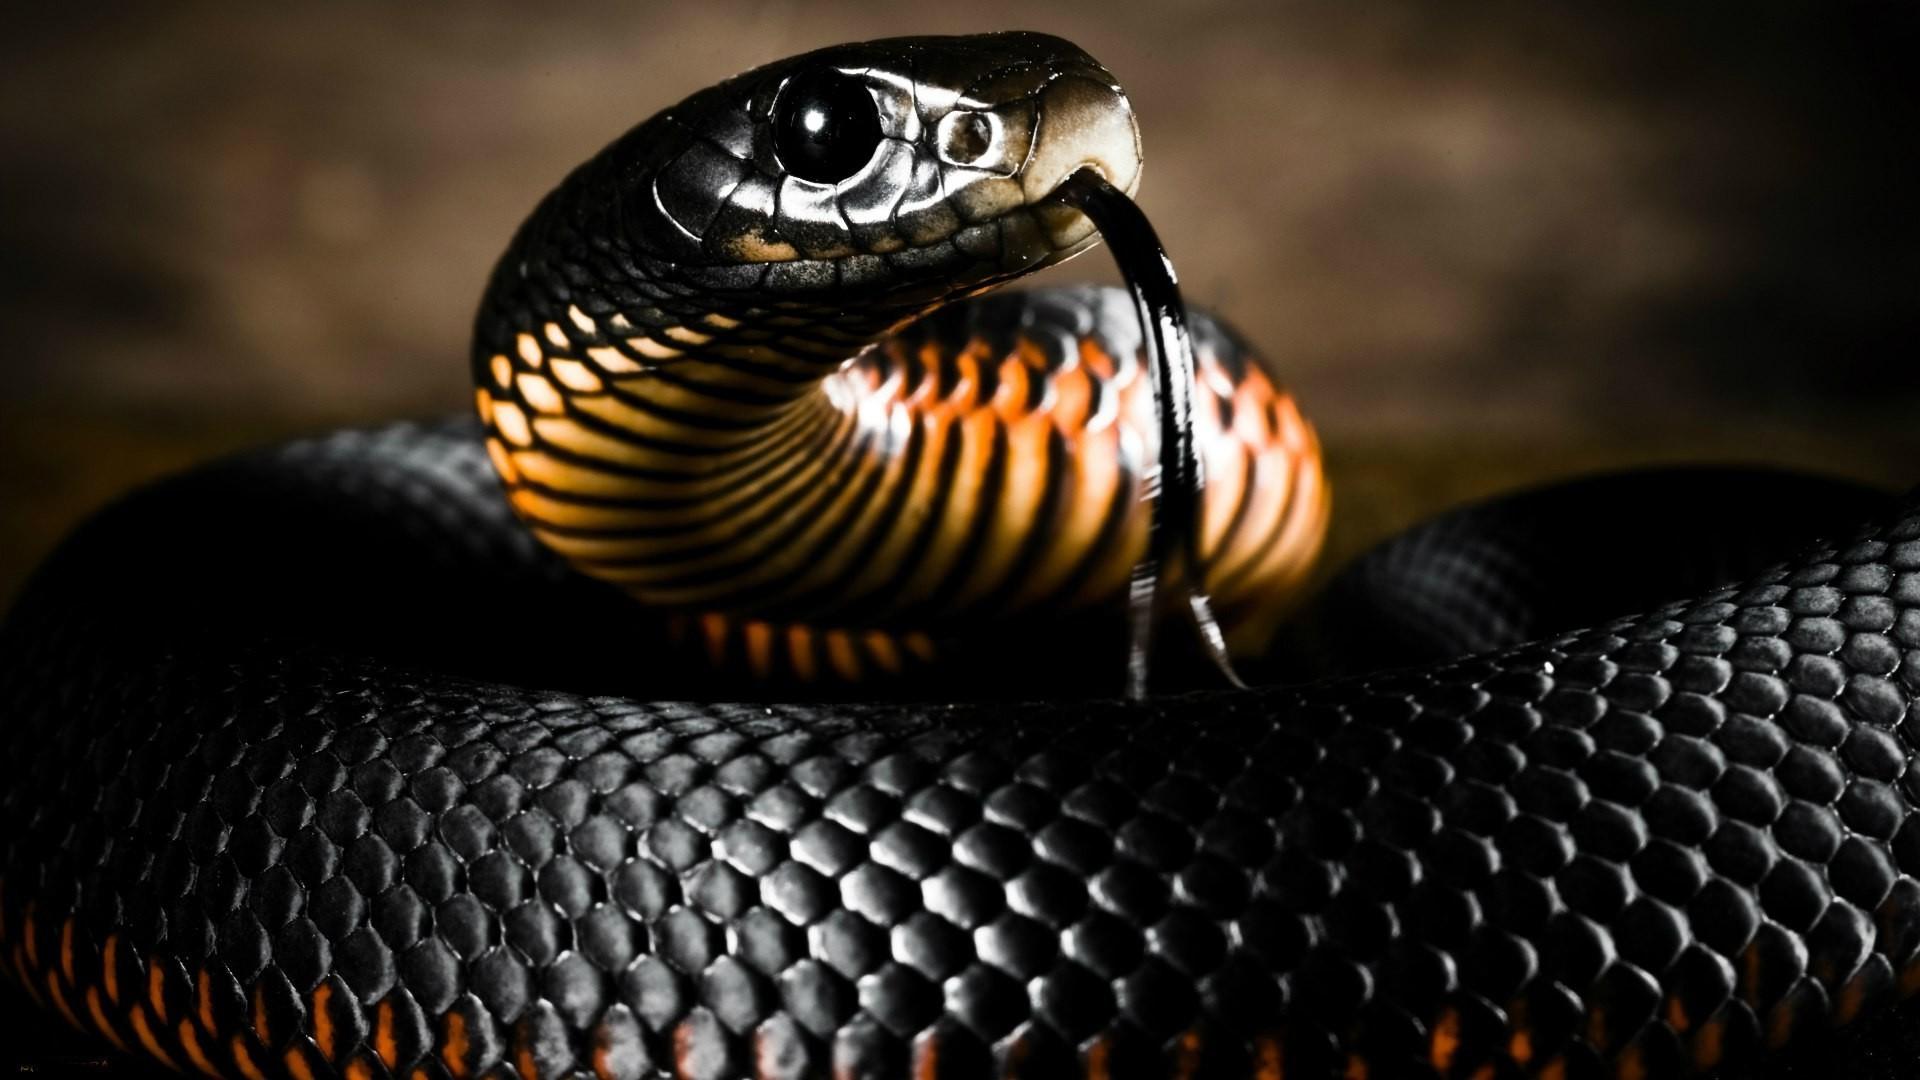 неё про мамба змея всё чёрная